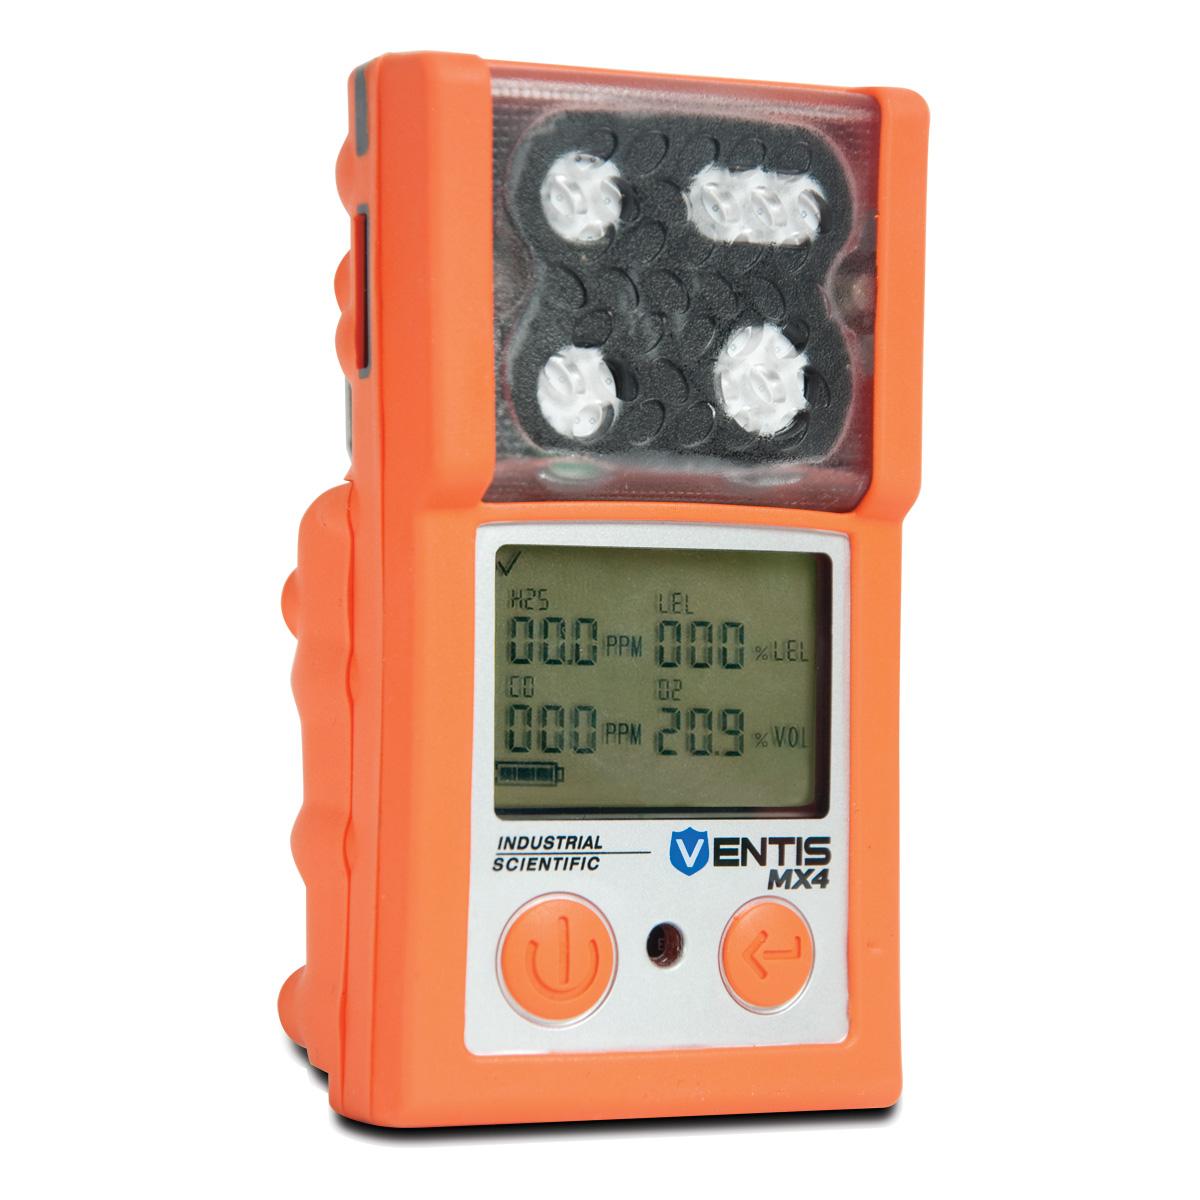 4 Gas Meter : Industrial scientific isc mx ventis multi gas monitor